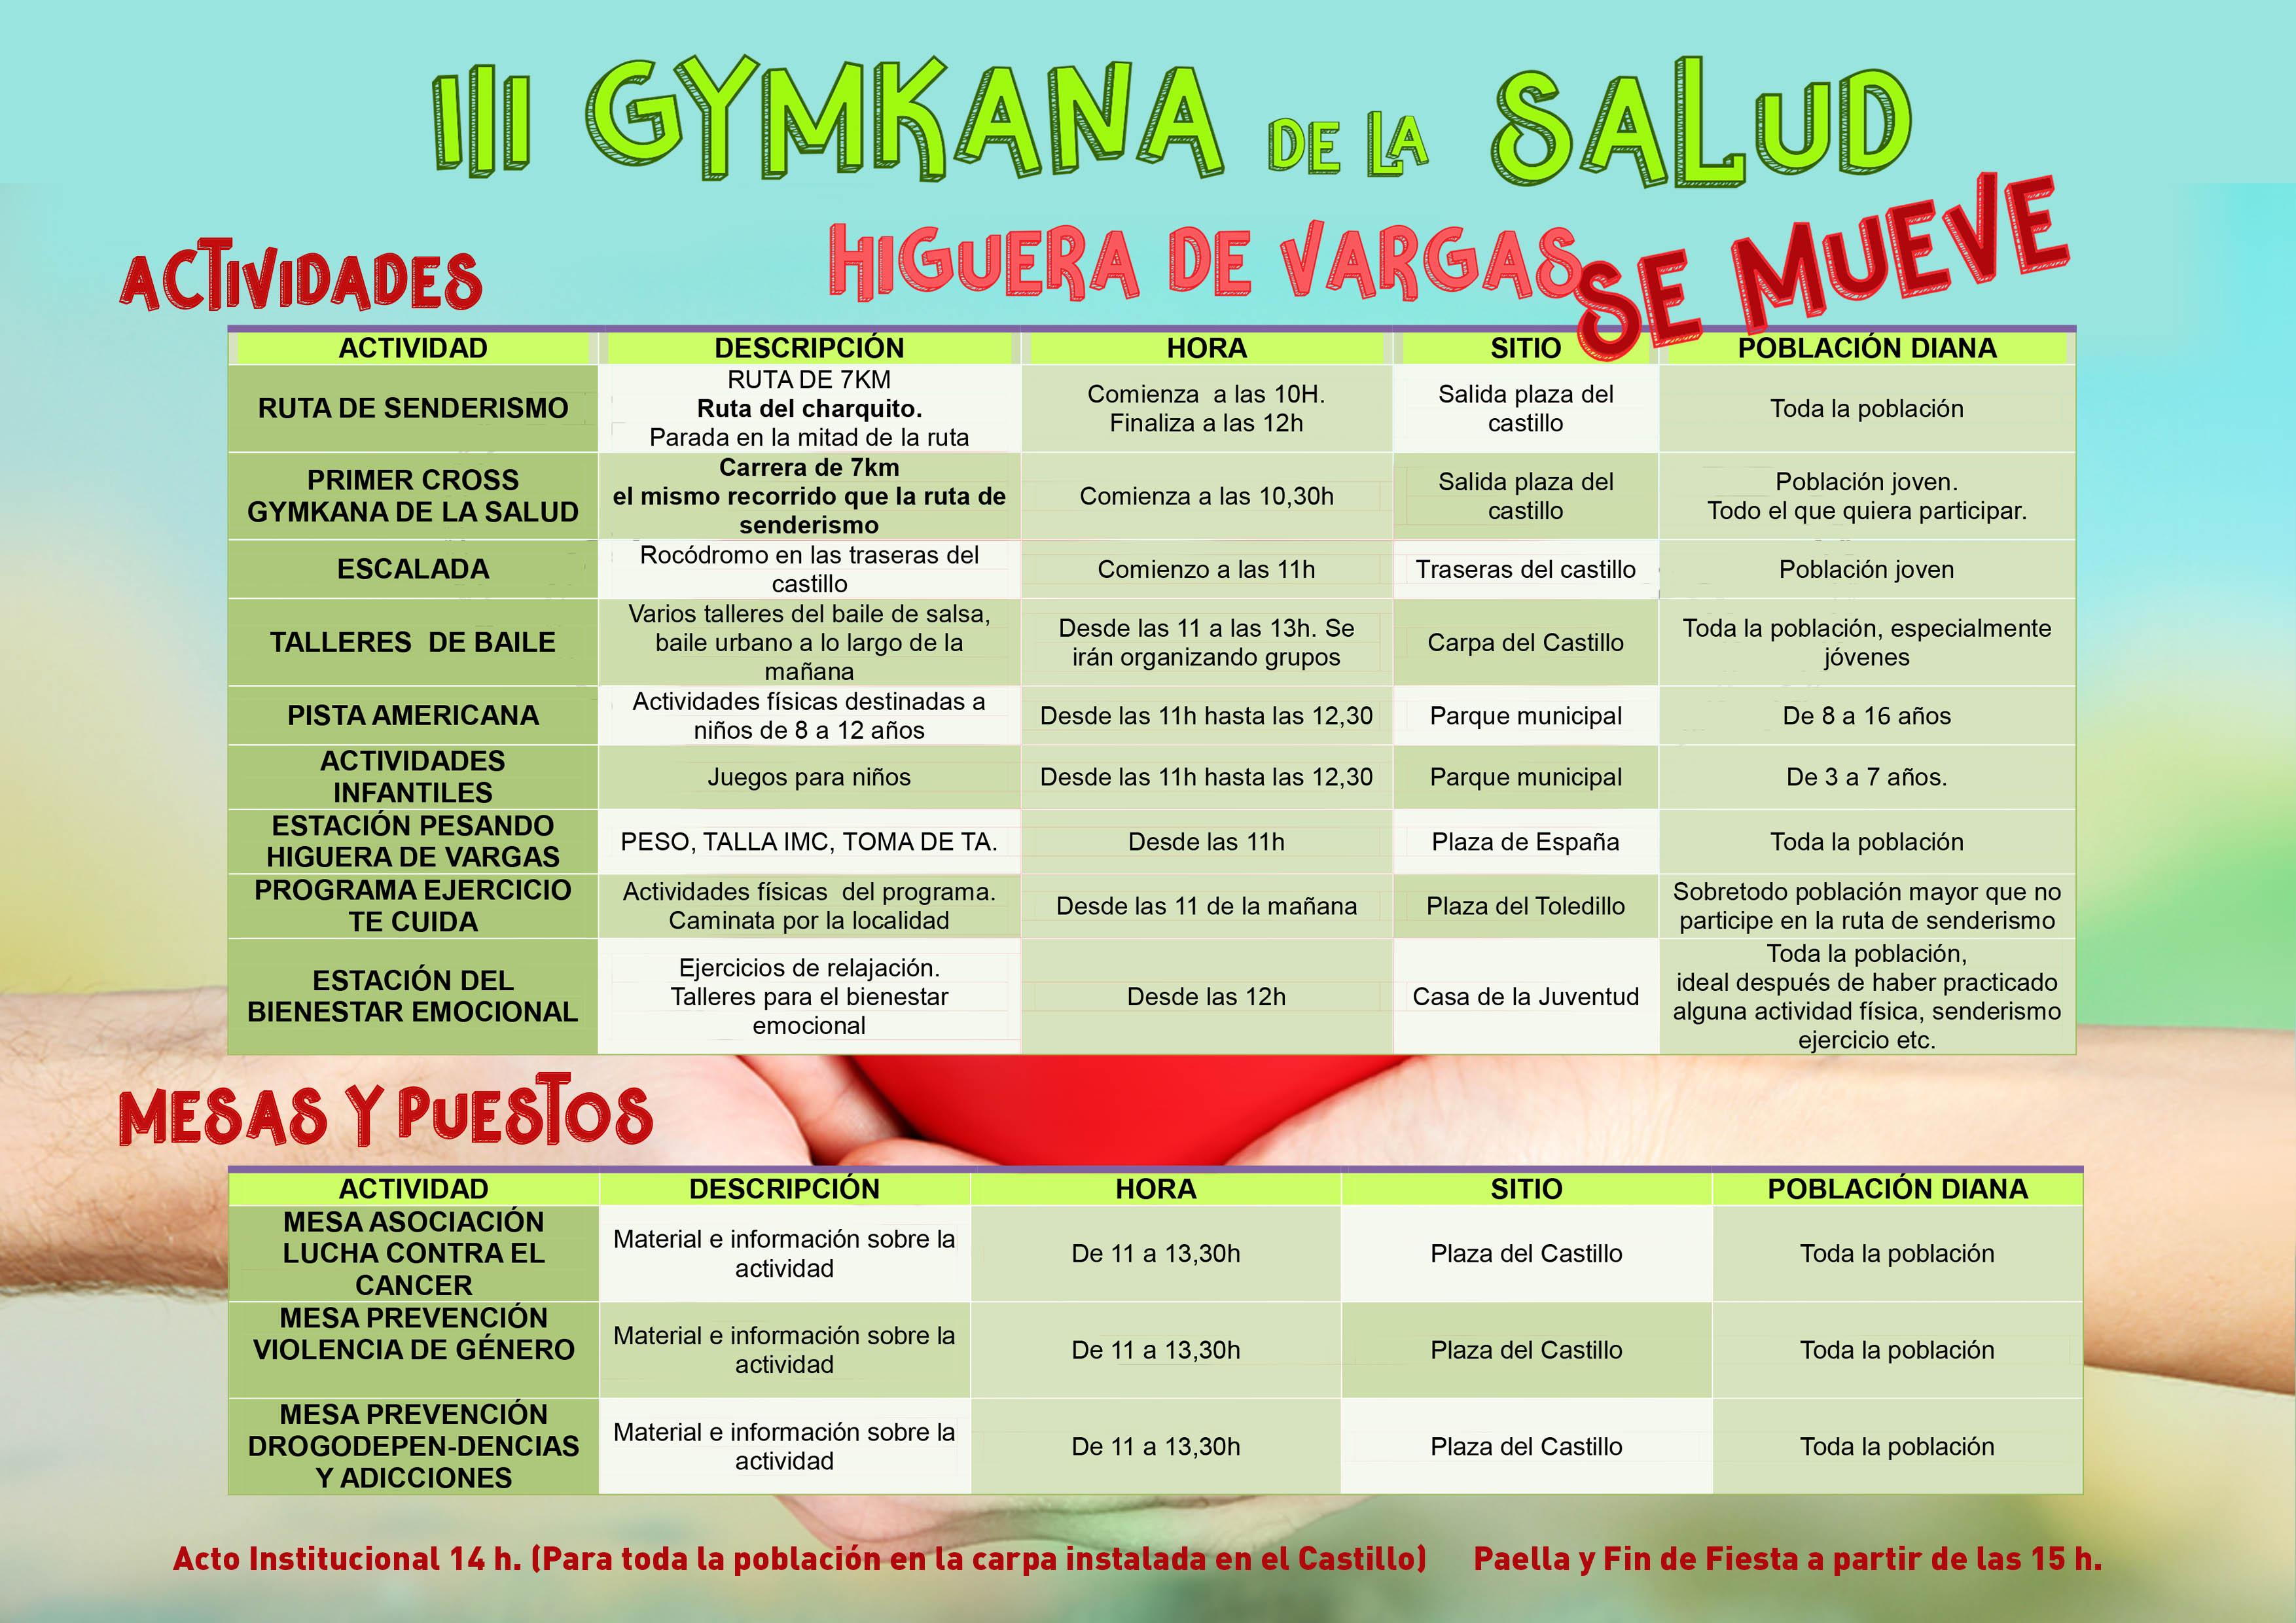 III Gymkana de la salud de Higuera de Vargas